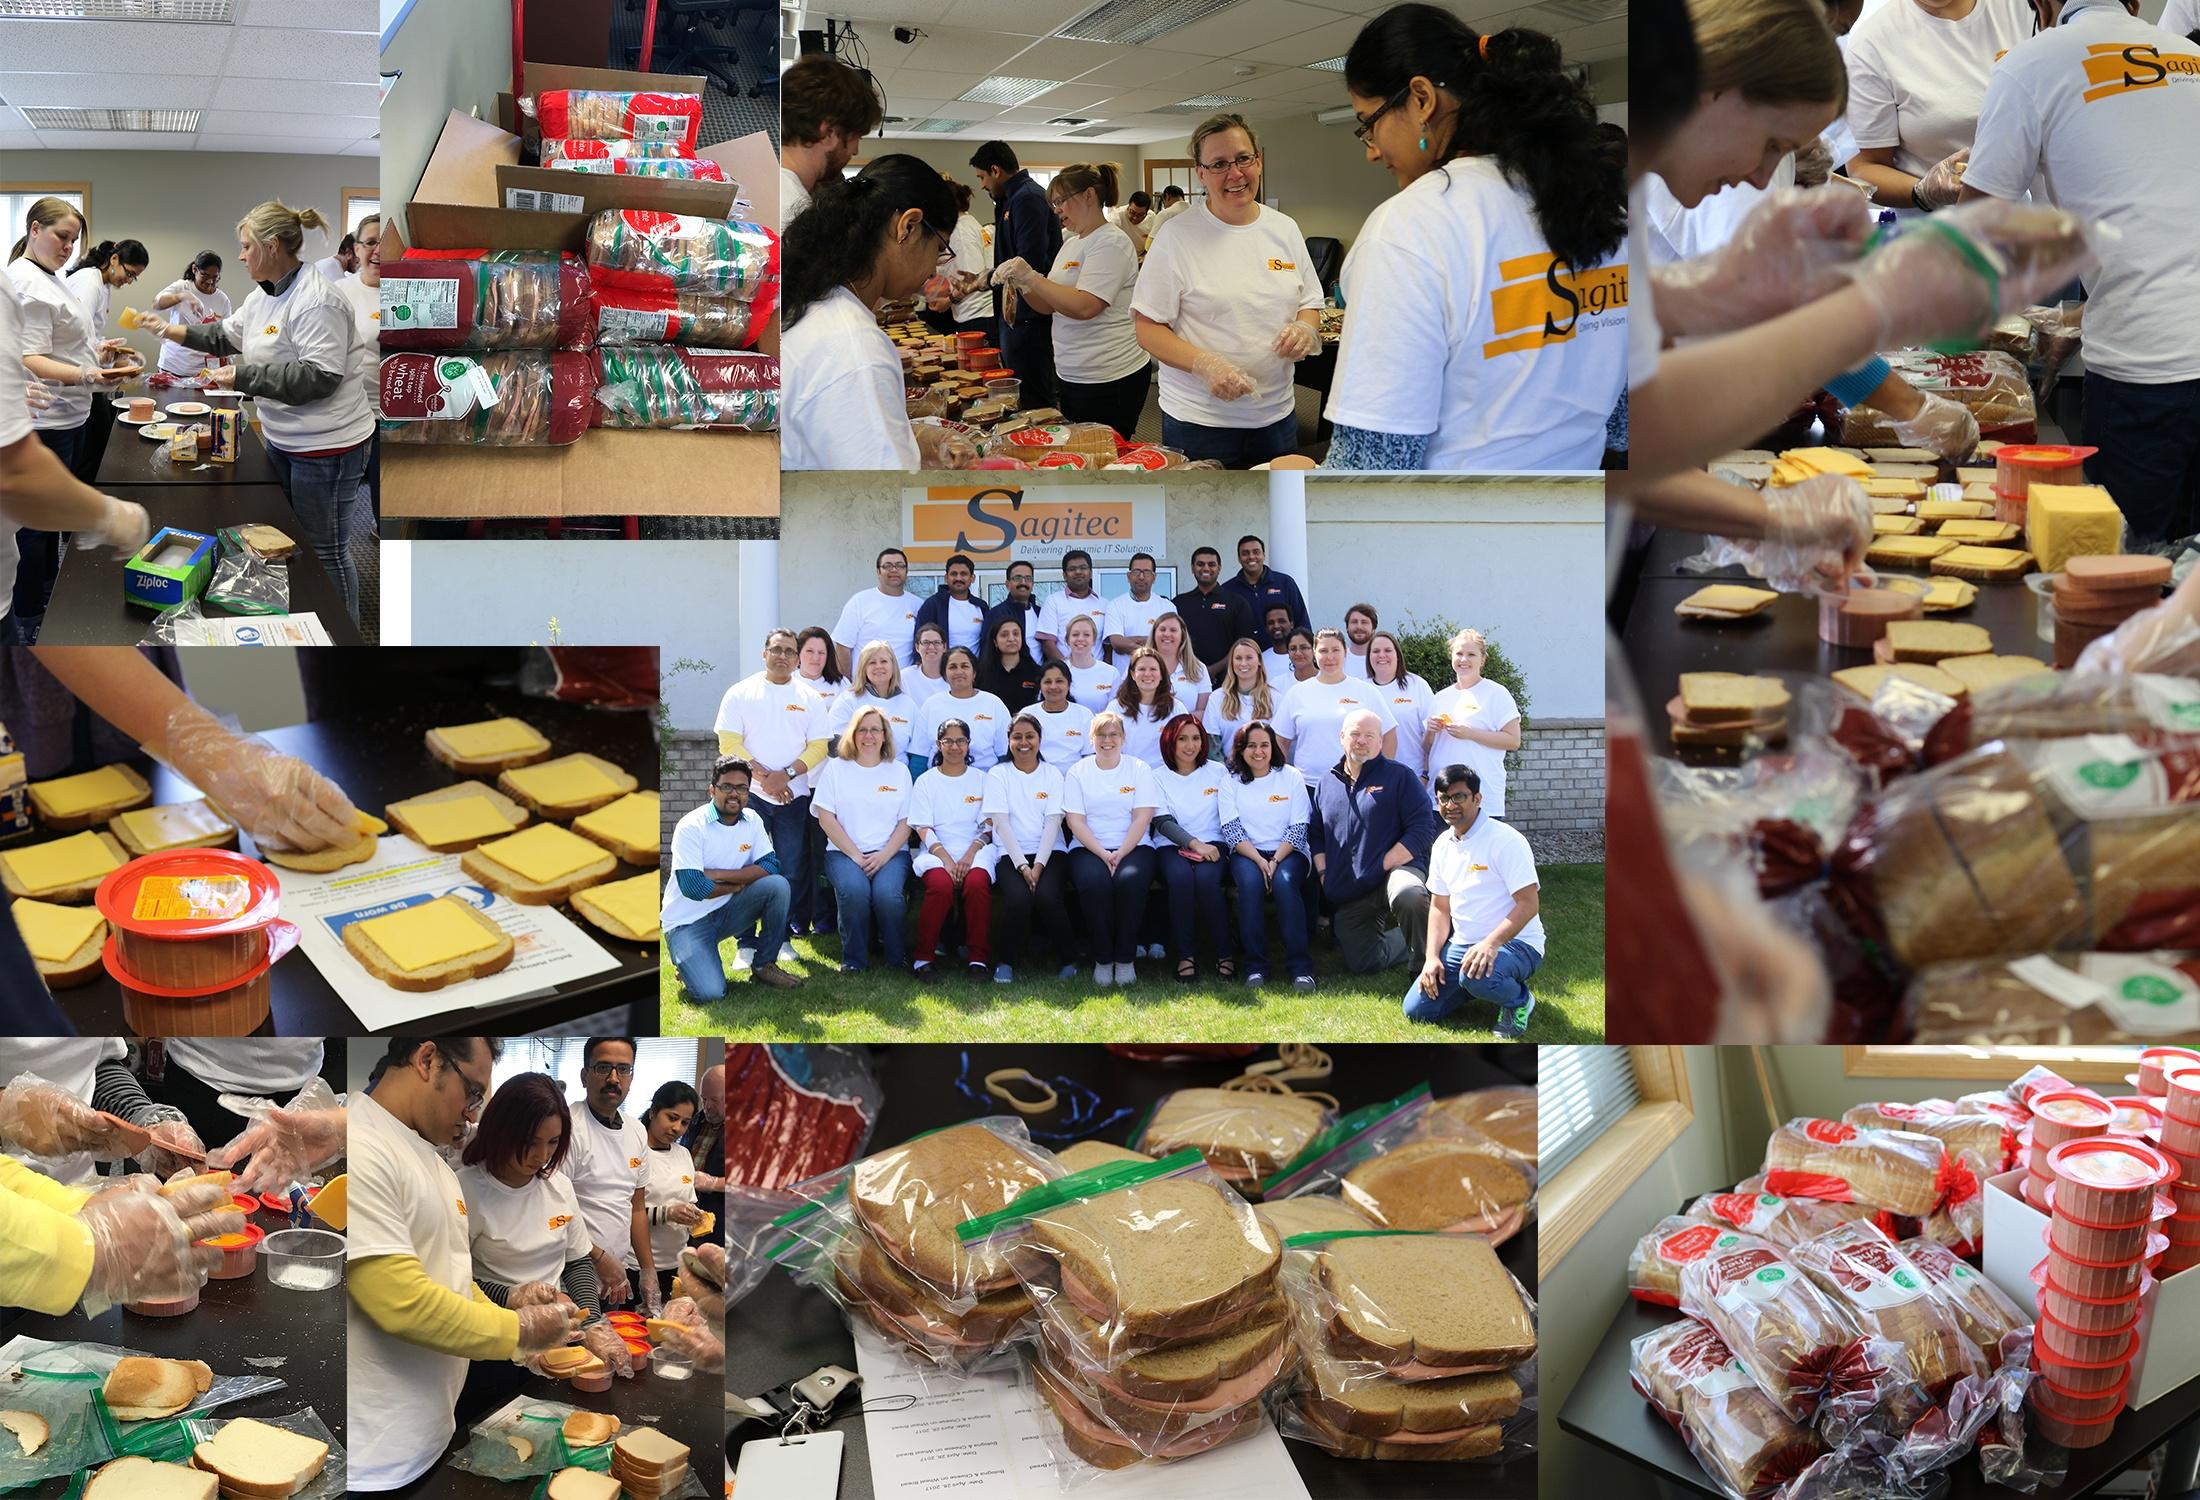 National volunteer week, corporate social responsibility